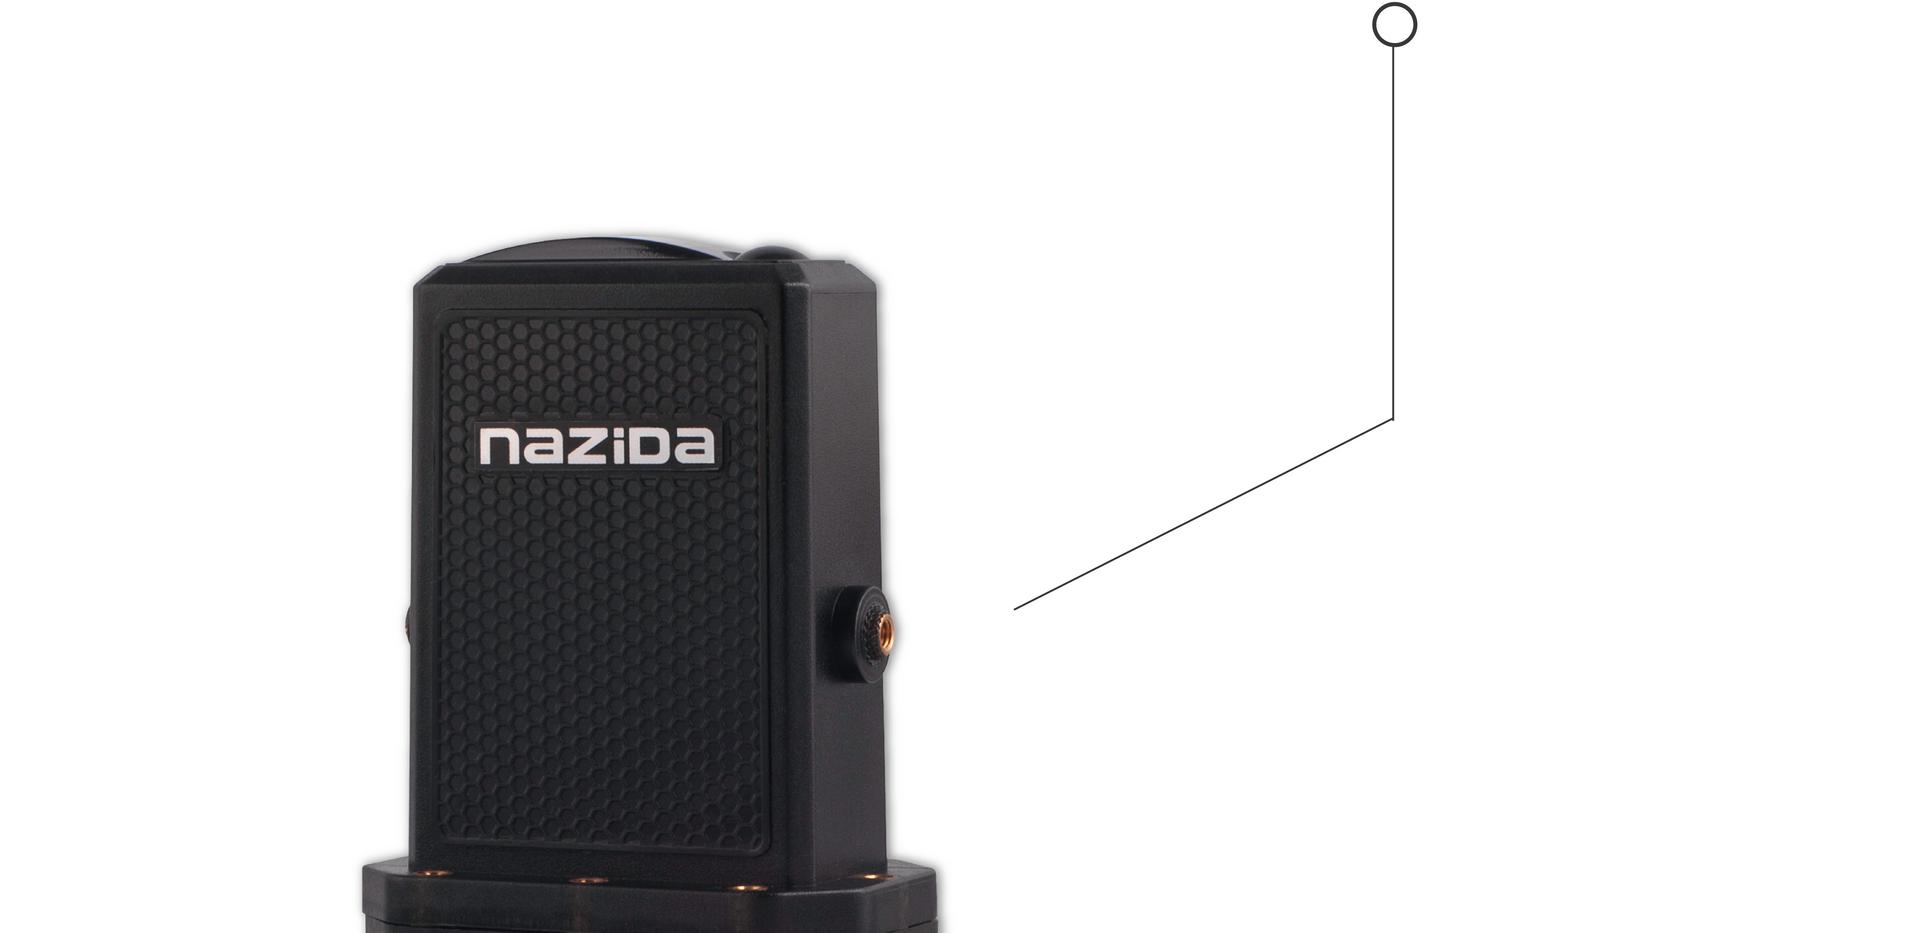 r7  Mobile Radar Detector-01.png